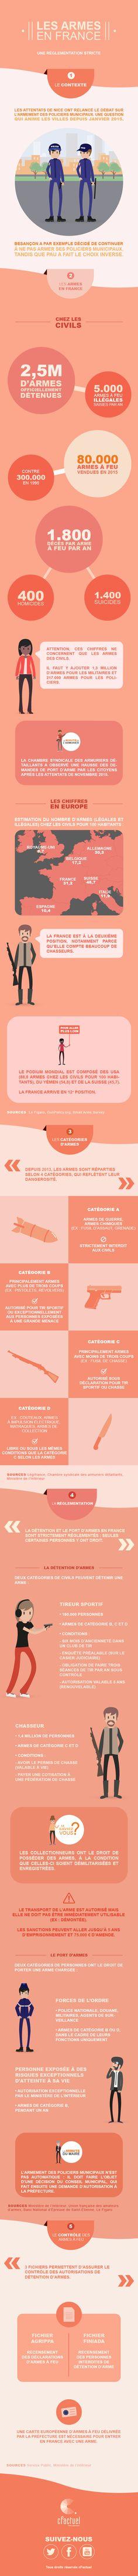 LE PORT D'ARMES EN FRANCE - Une infographie cFactuel Le maire de Besançon refuse d'armer sa police municipale. Mais, au fait, qui a le droit de posséder une arme en France ? Retour sur la réglementation.